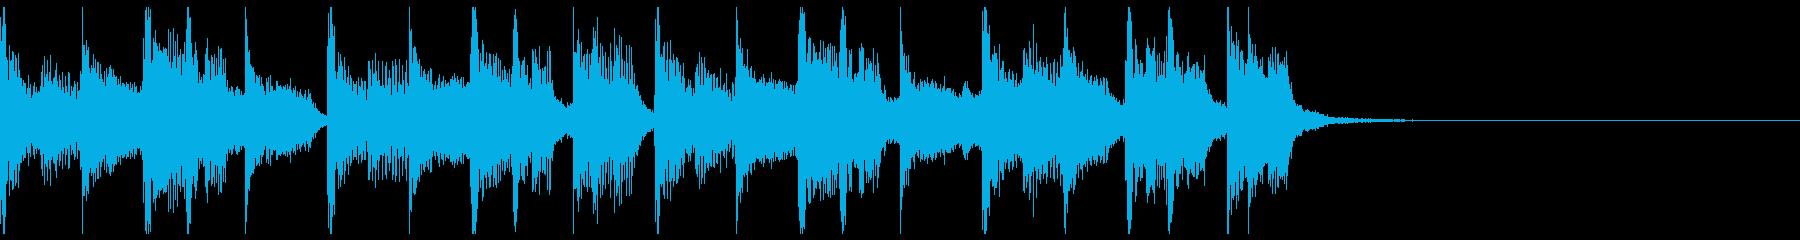 【ジングル】シックでコミカルなBGMの再生済みの波形